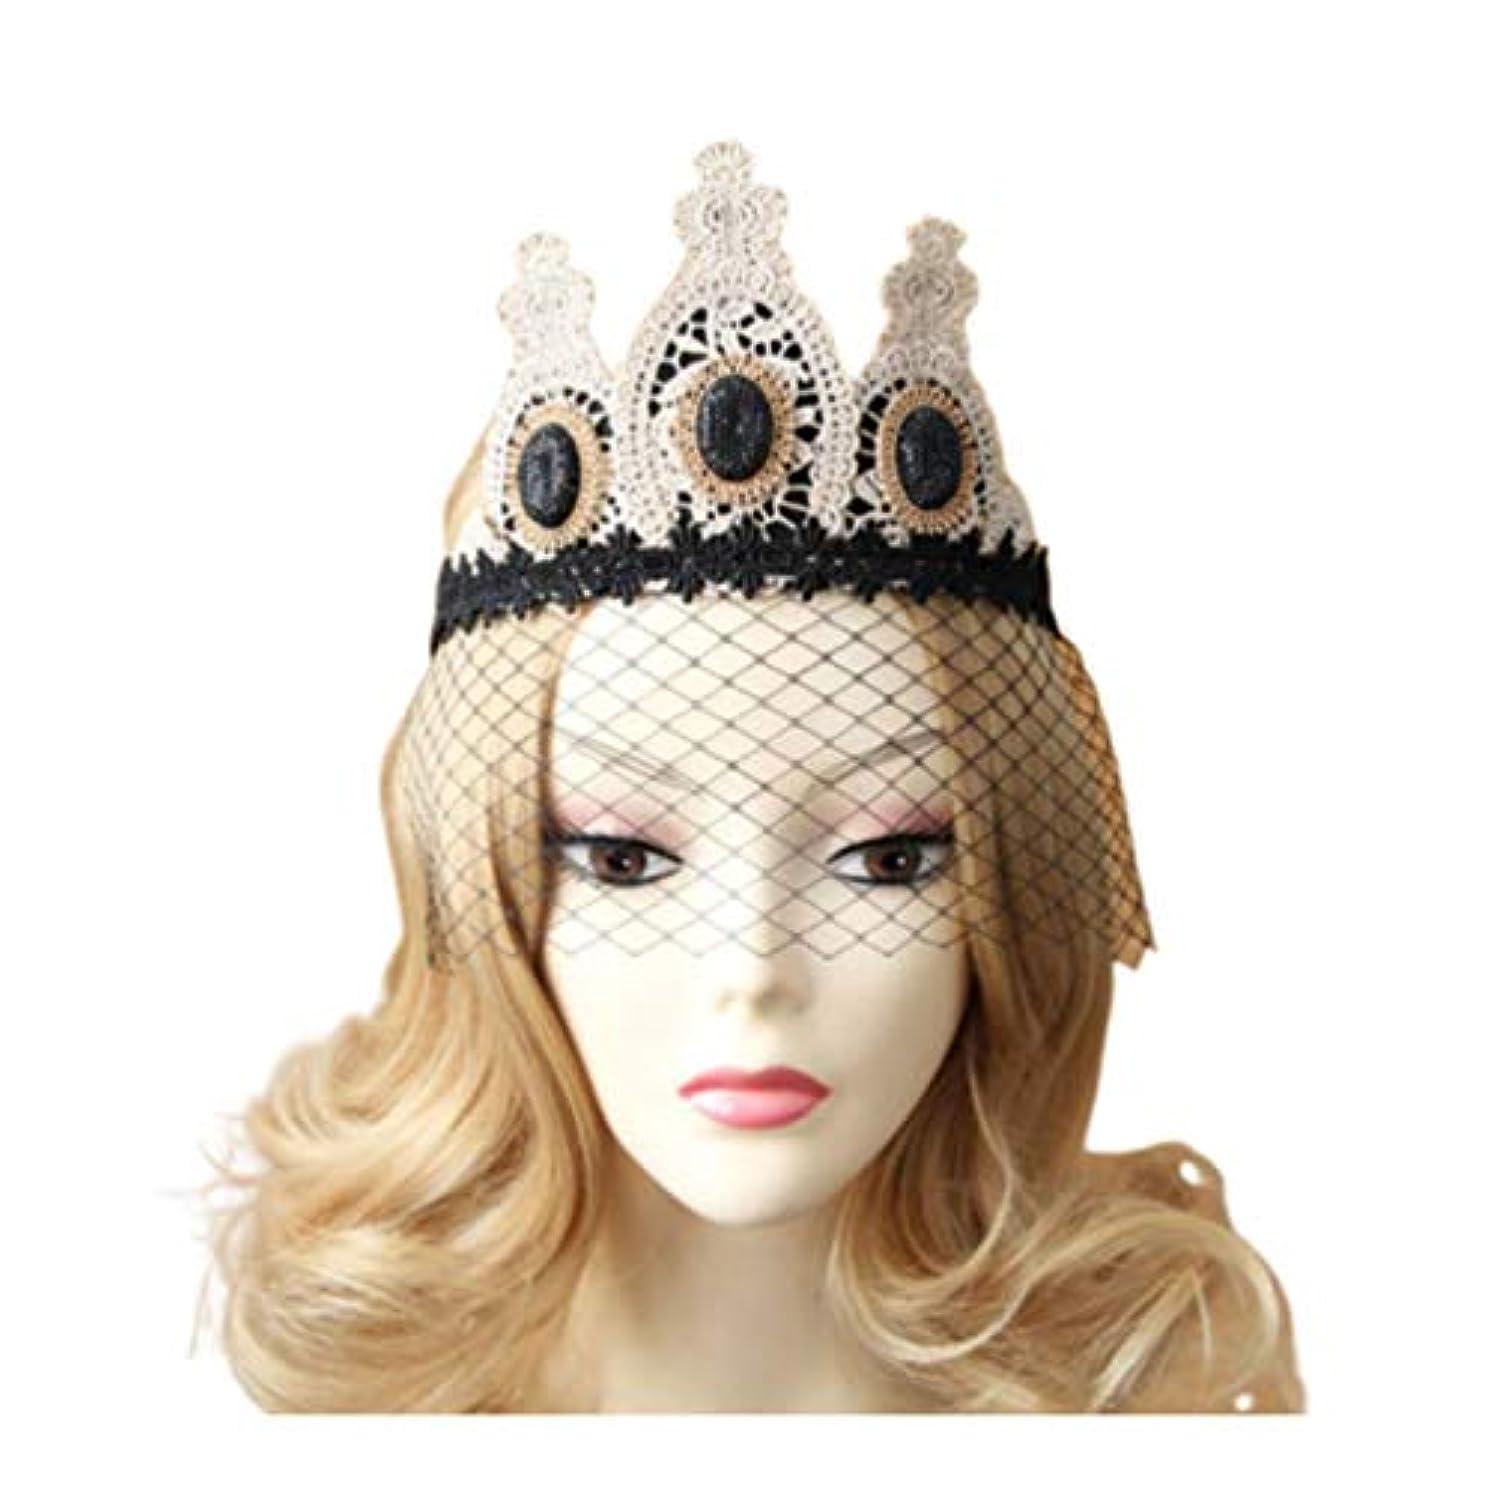 巻き戻す鮫咲くLurrose レースクラウンヴィンテージゴシックメッシュベールヘッドバンドレースベール帽子ハロウィンヘア装飾用女性女性